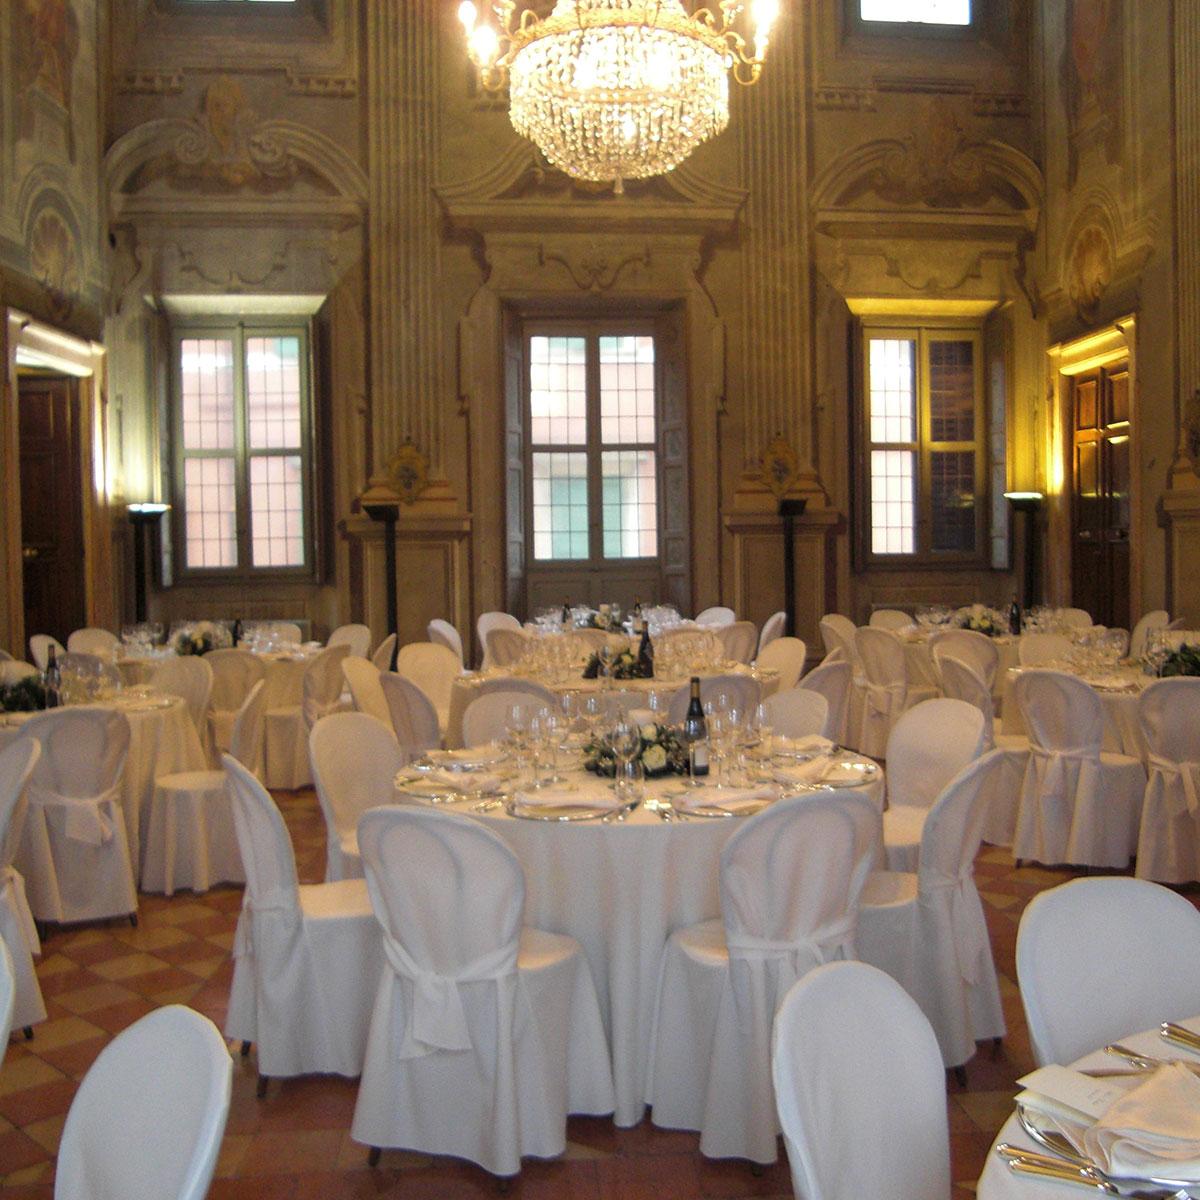 Matrimoni in villa | Negriricevimenti.com